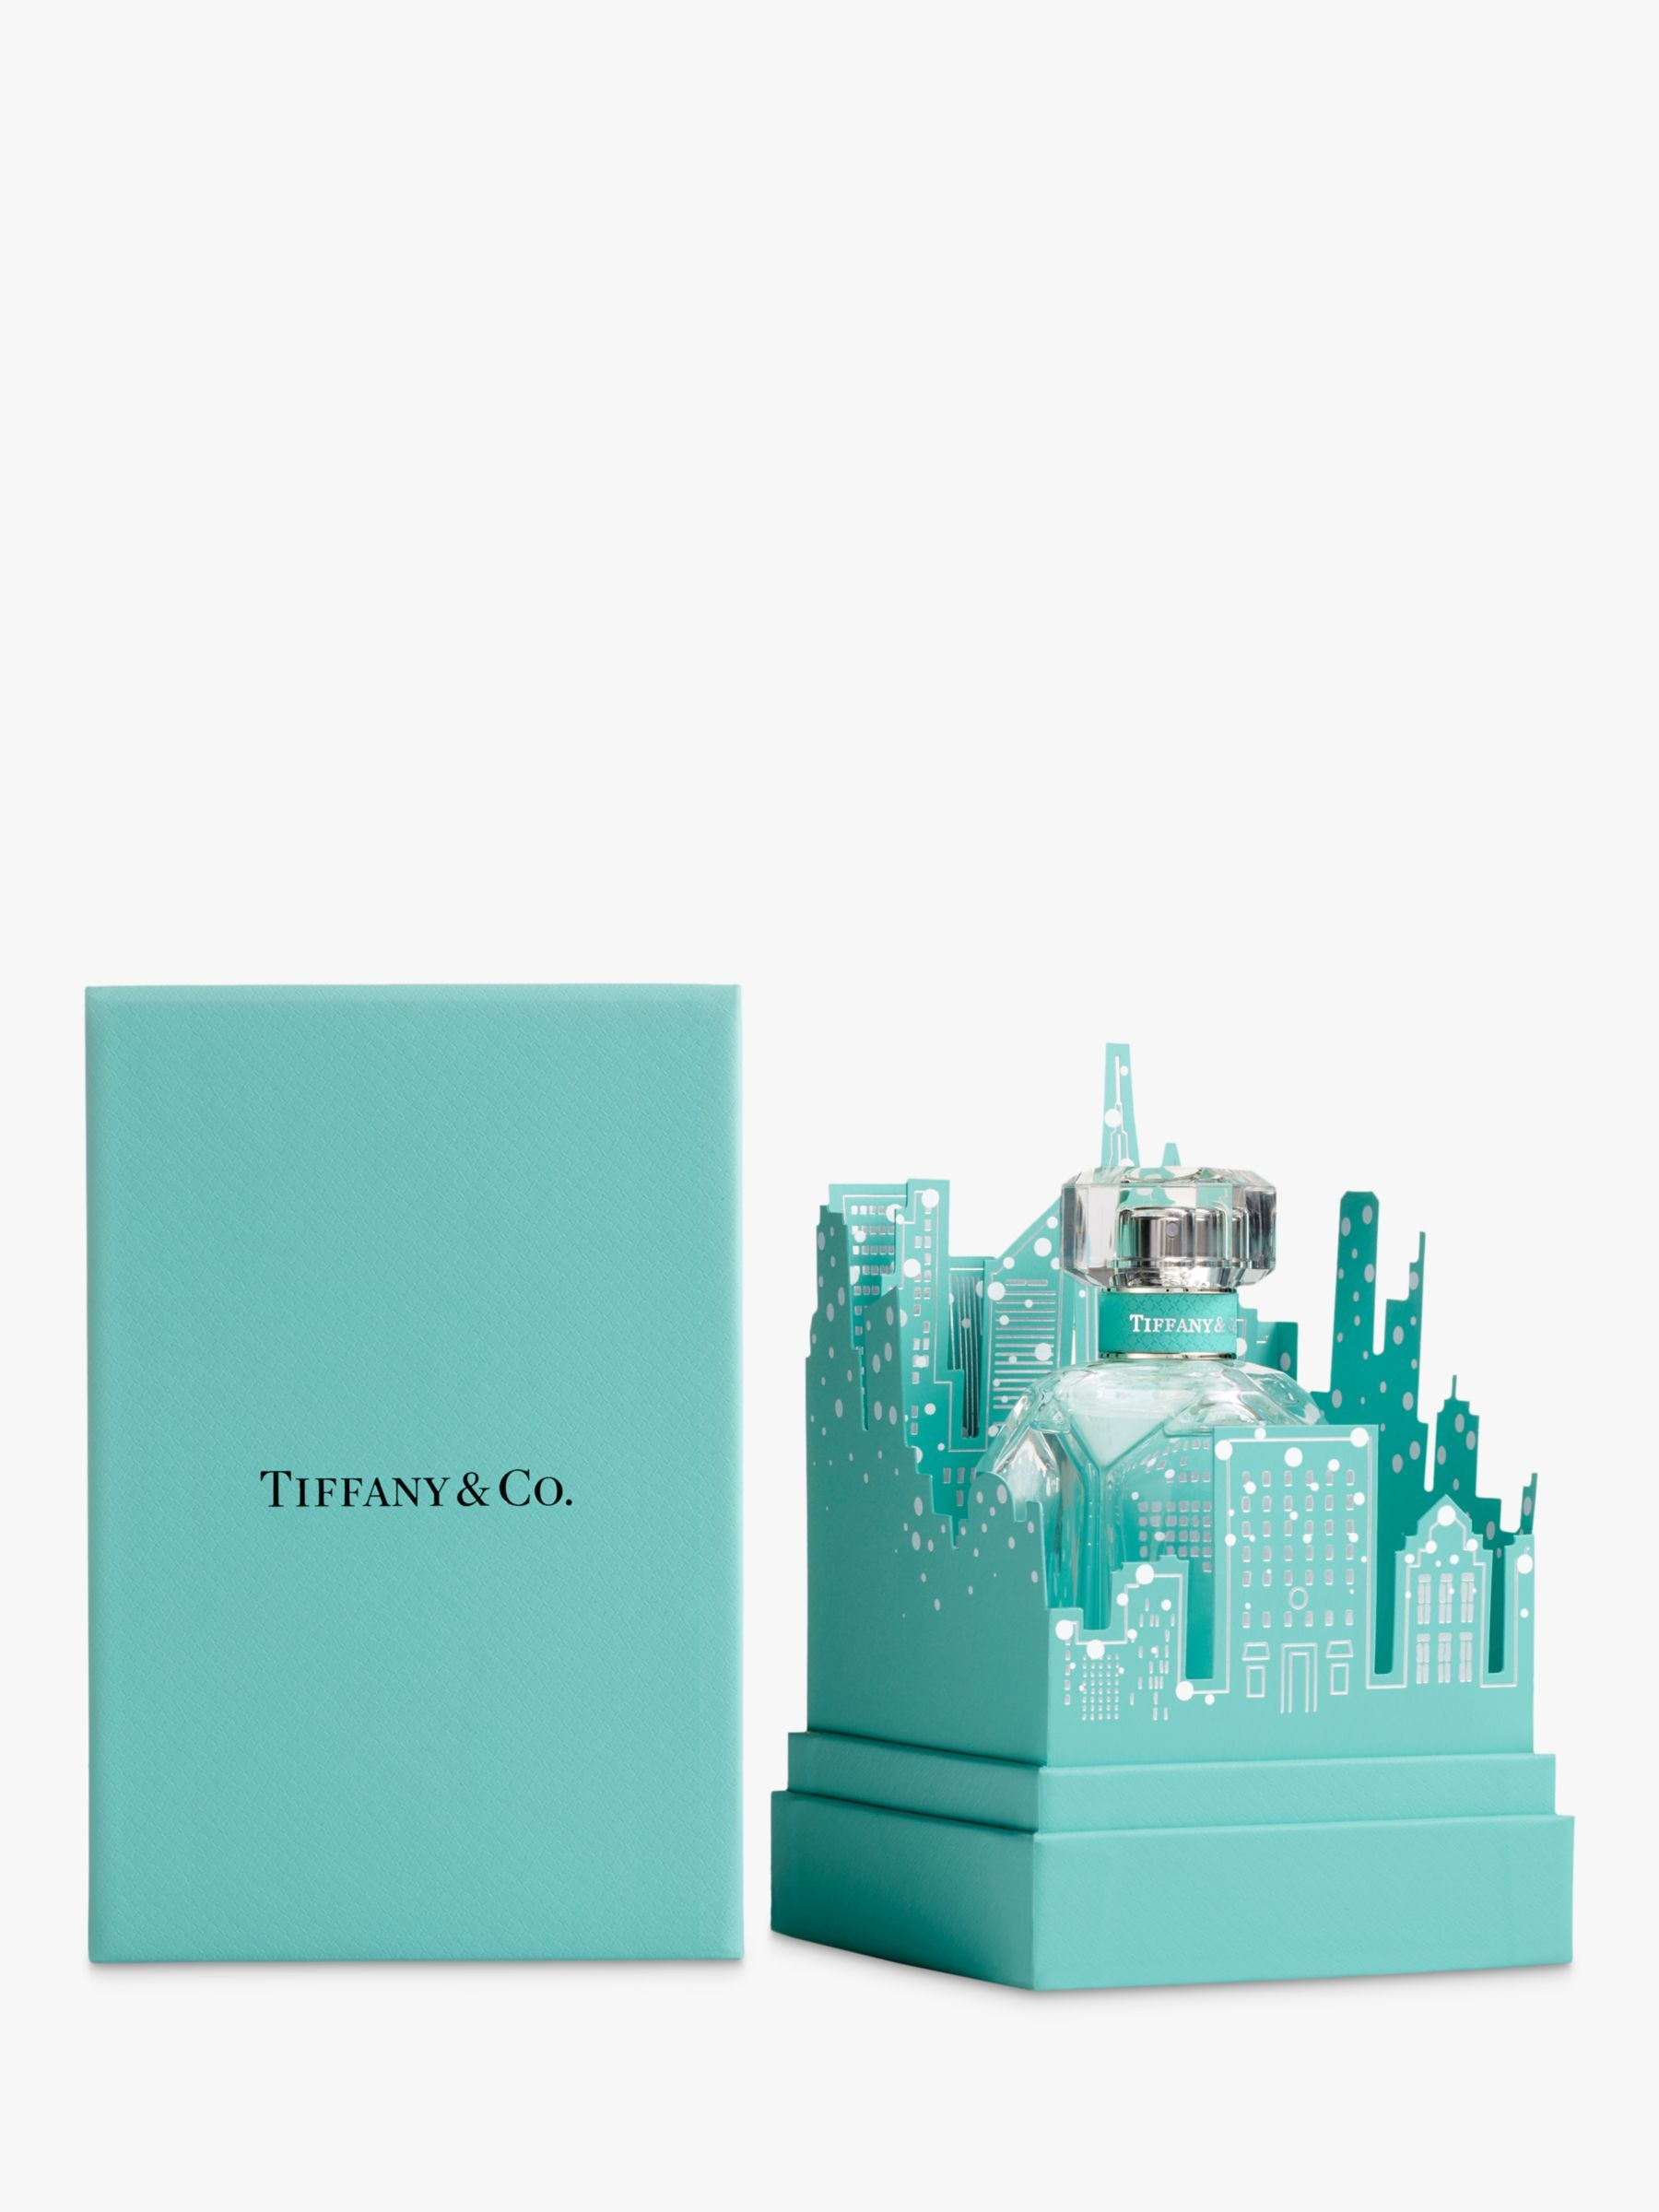 Tiffany Co Tiffany Eau De Parfum 75ml Limited Edition Skyline Fragrance Gift Set In 2020 Perfume Gift Sets Perfume Packaging Perfume Gift